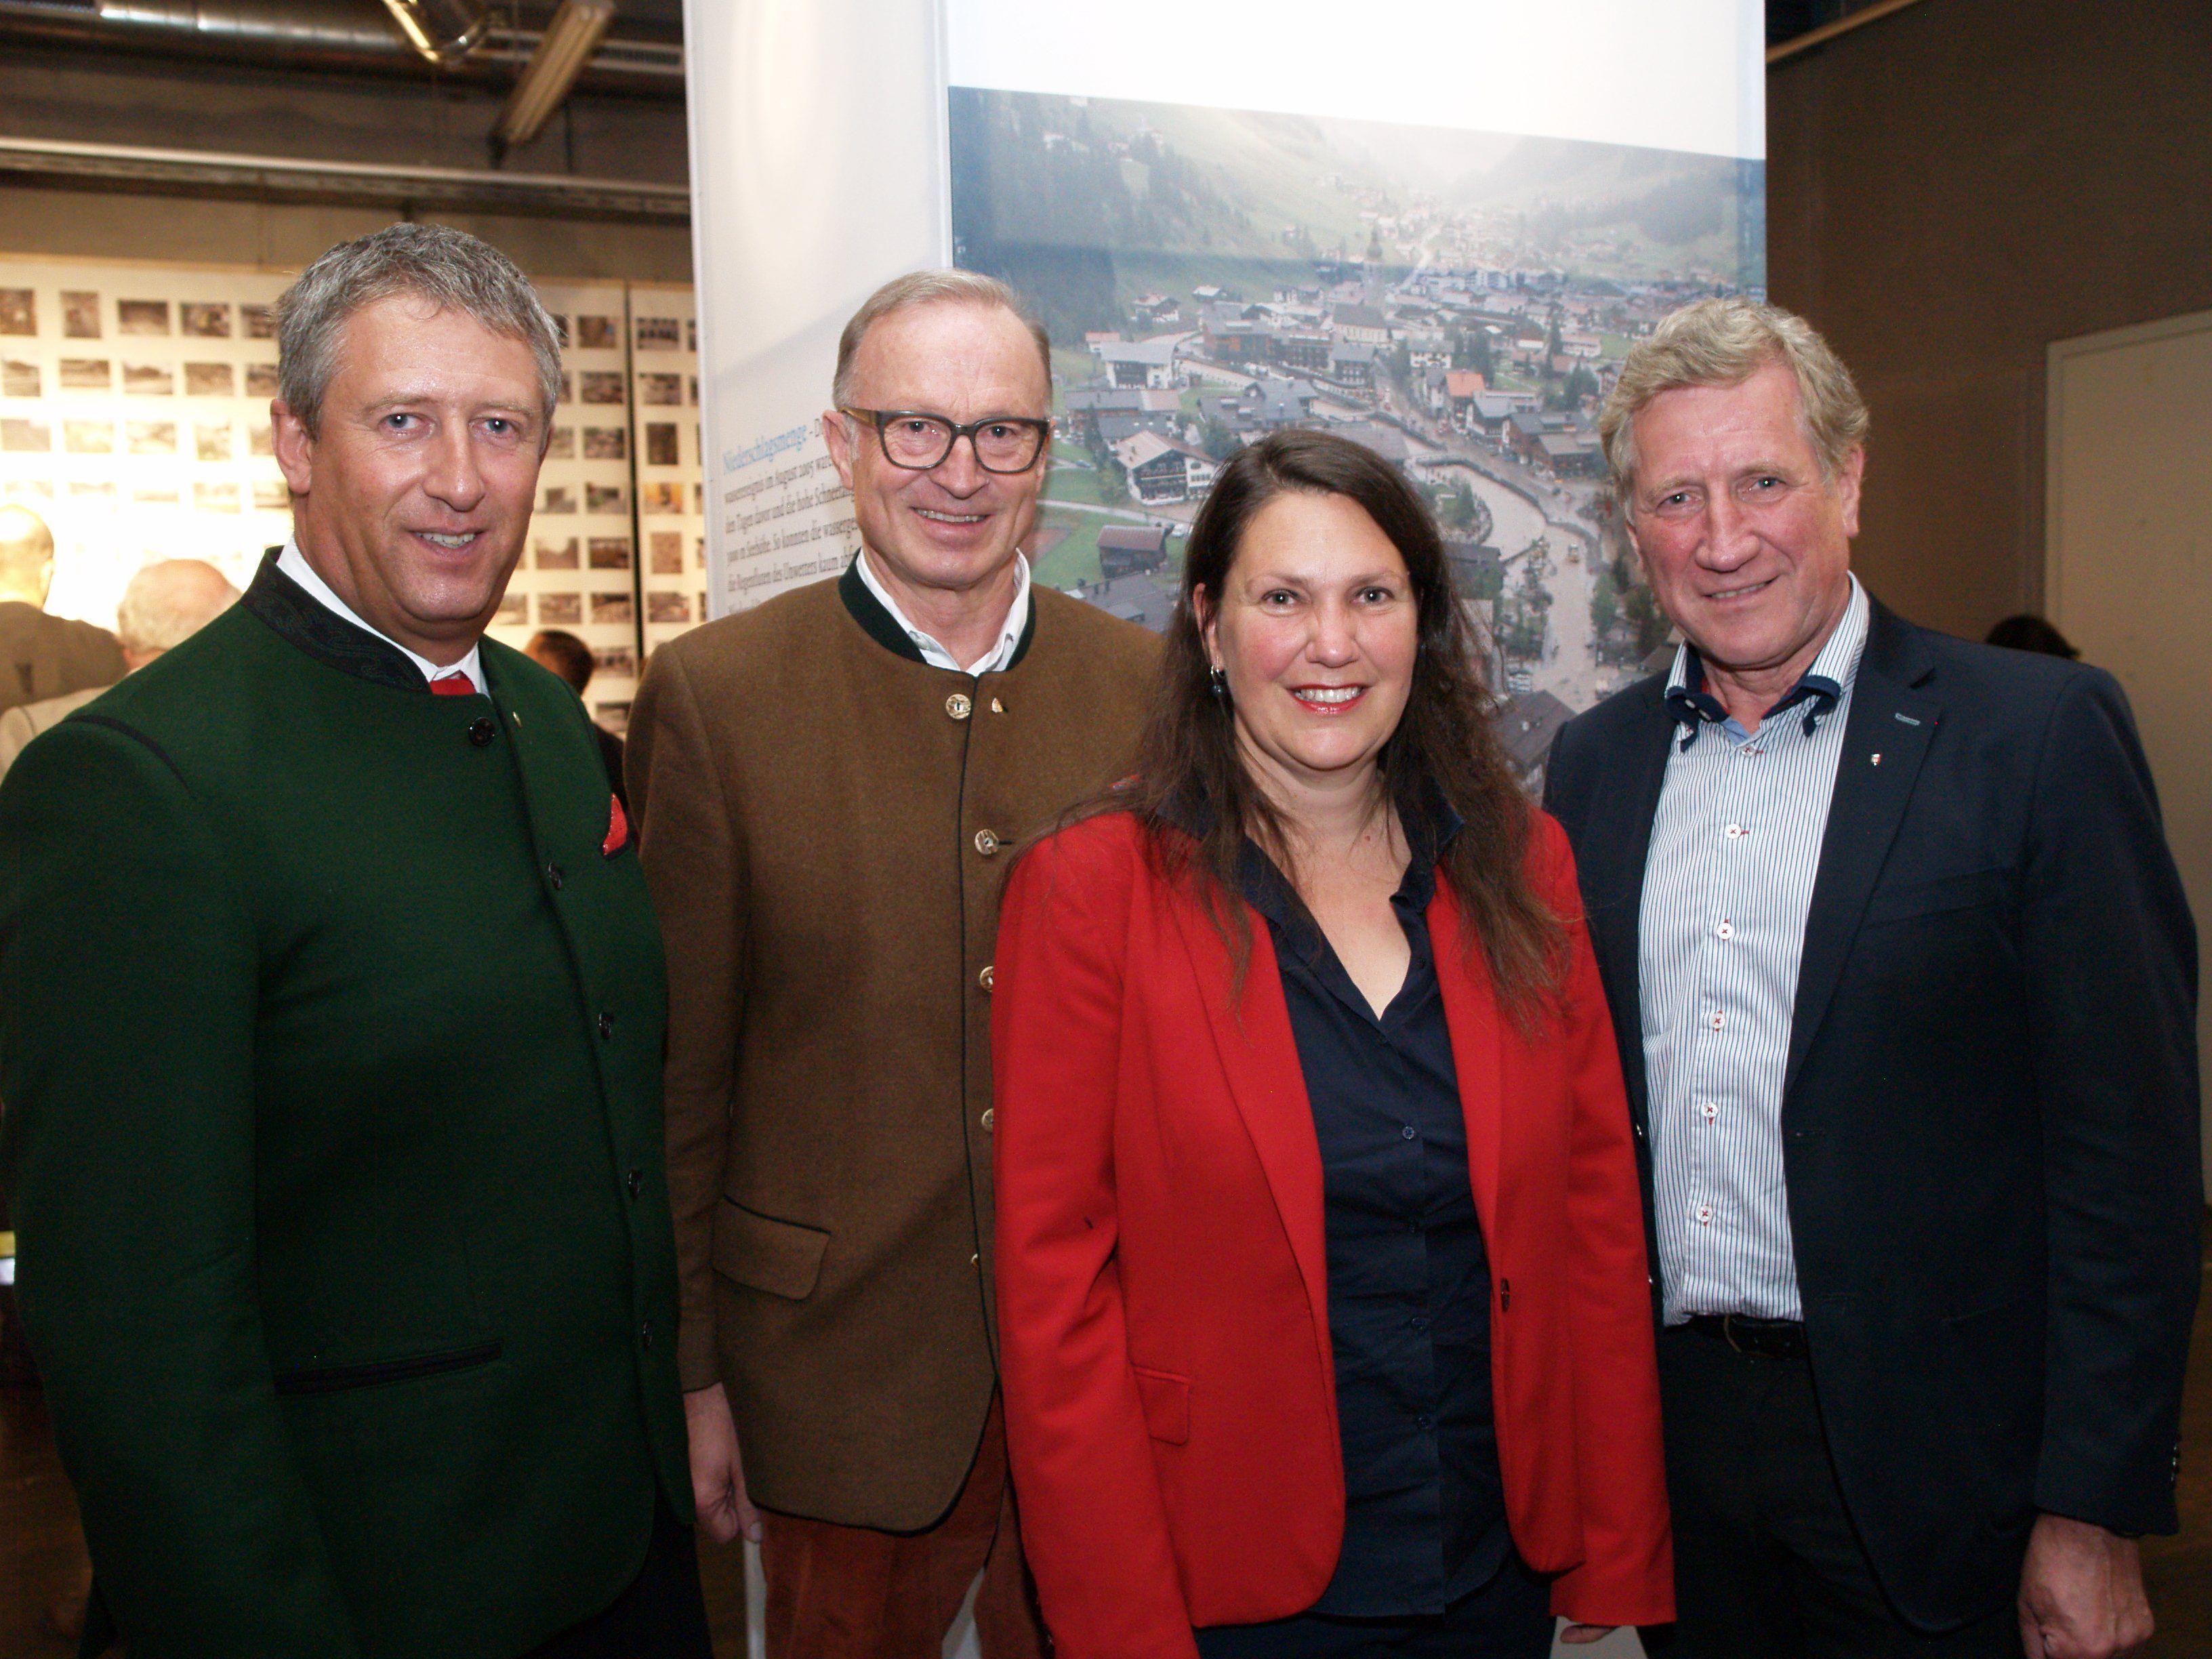 Die Organisatoren der Ausstellung Stefan Jochum und Monika Gärtner mit Bürgermeister Ludwig Muxel und Eröffnungsredner Landesrat Erich Schwärzler